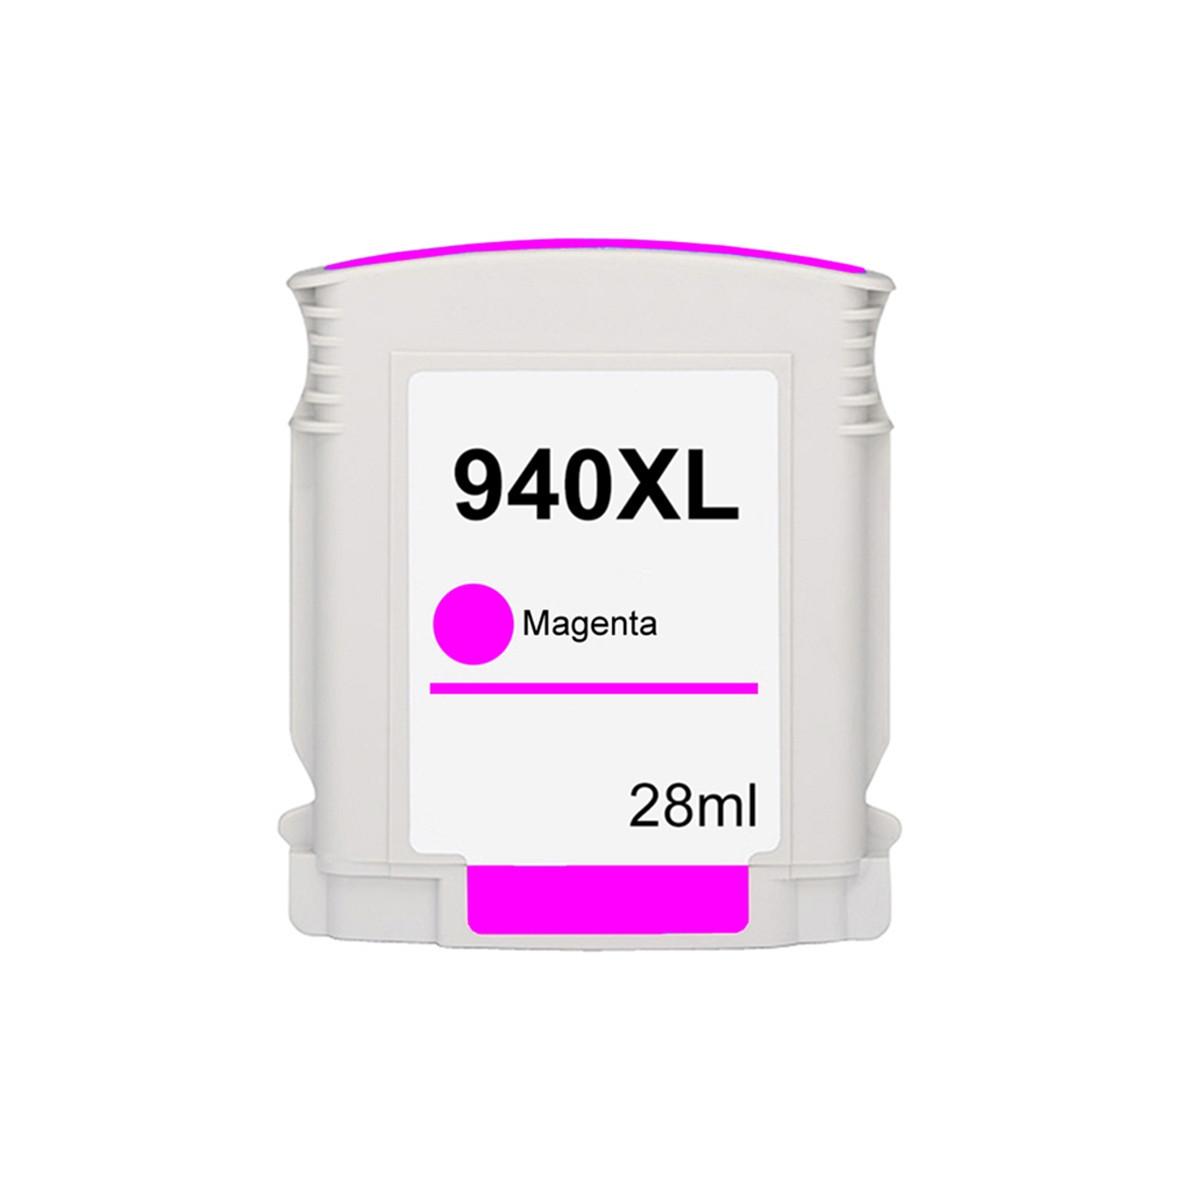 Cartucho de Tinta Compatível com HP 940XL C4908AB Magenta | Deskjet 8000 8500 8000WL 8500W 28ml